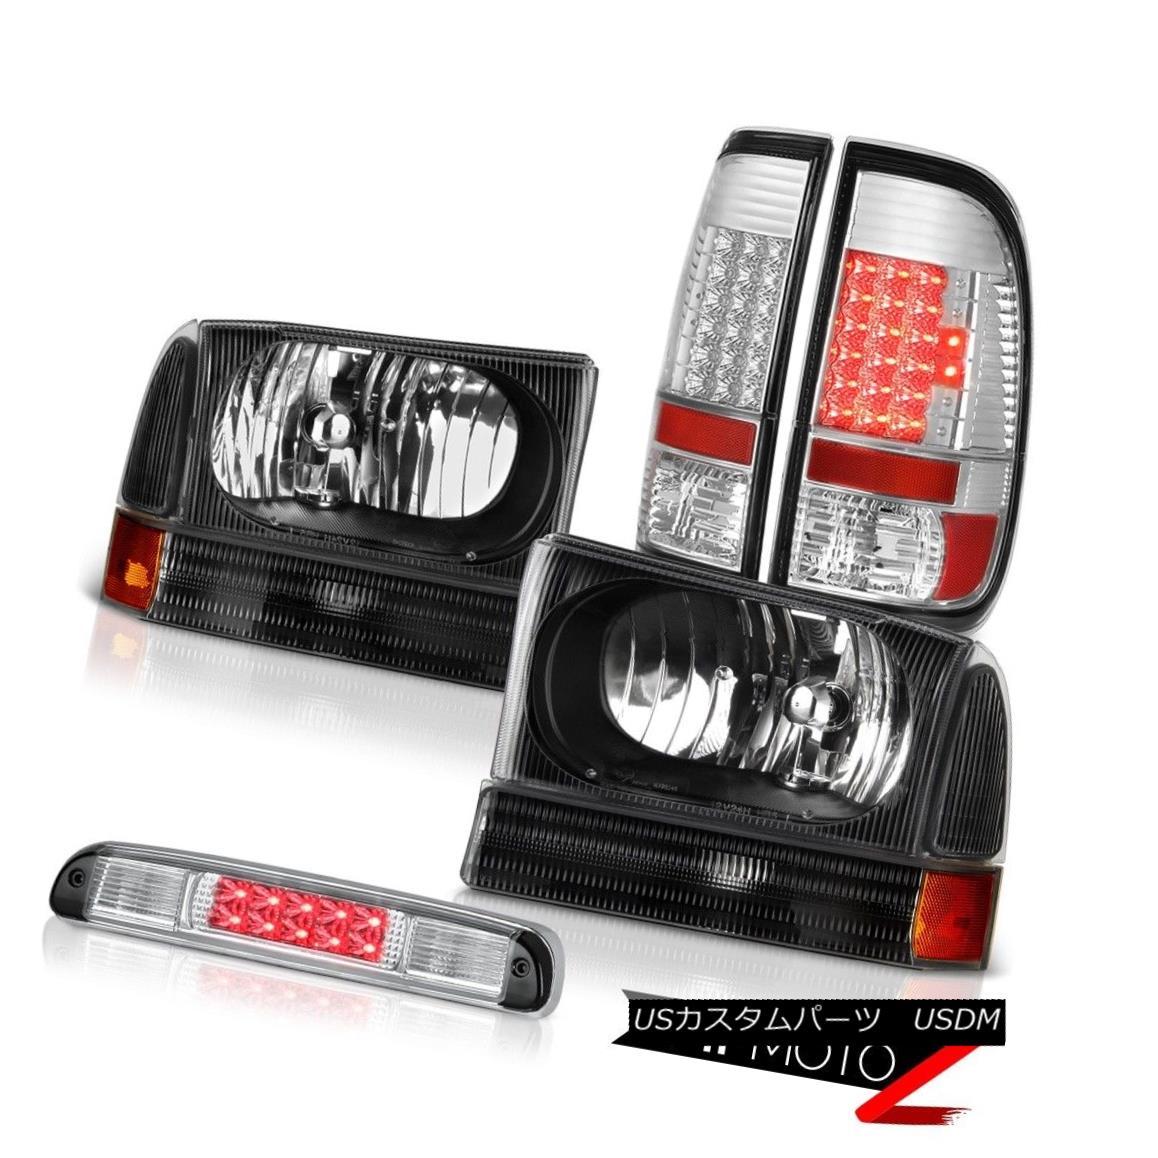 ヘッドライト Inky Black Headlights SMD Tail Lights Roof Stop LED Clear 99-04 Ford SuperDuty Inky BlackヘッドライトSMDテールライトルーフストップLED Clear 99-04 Ford SuperDuty